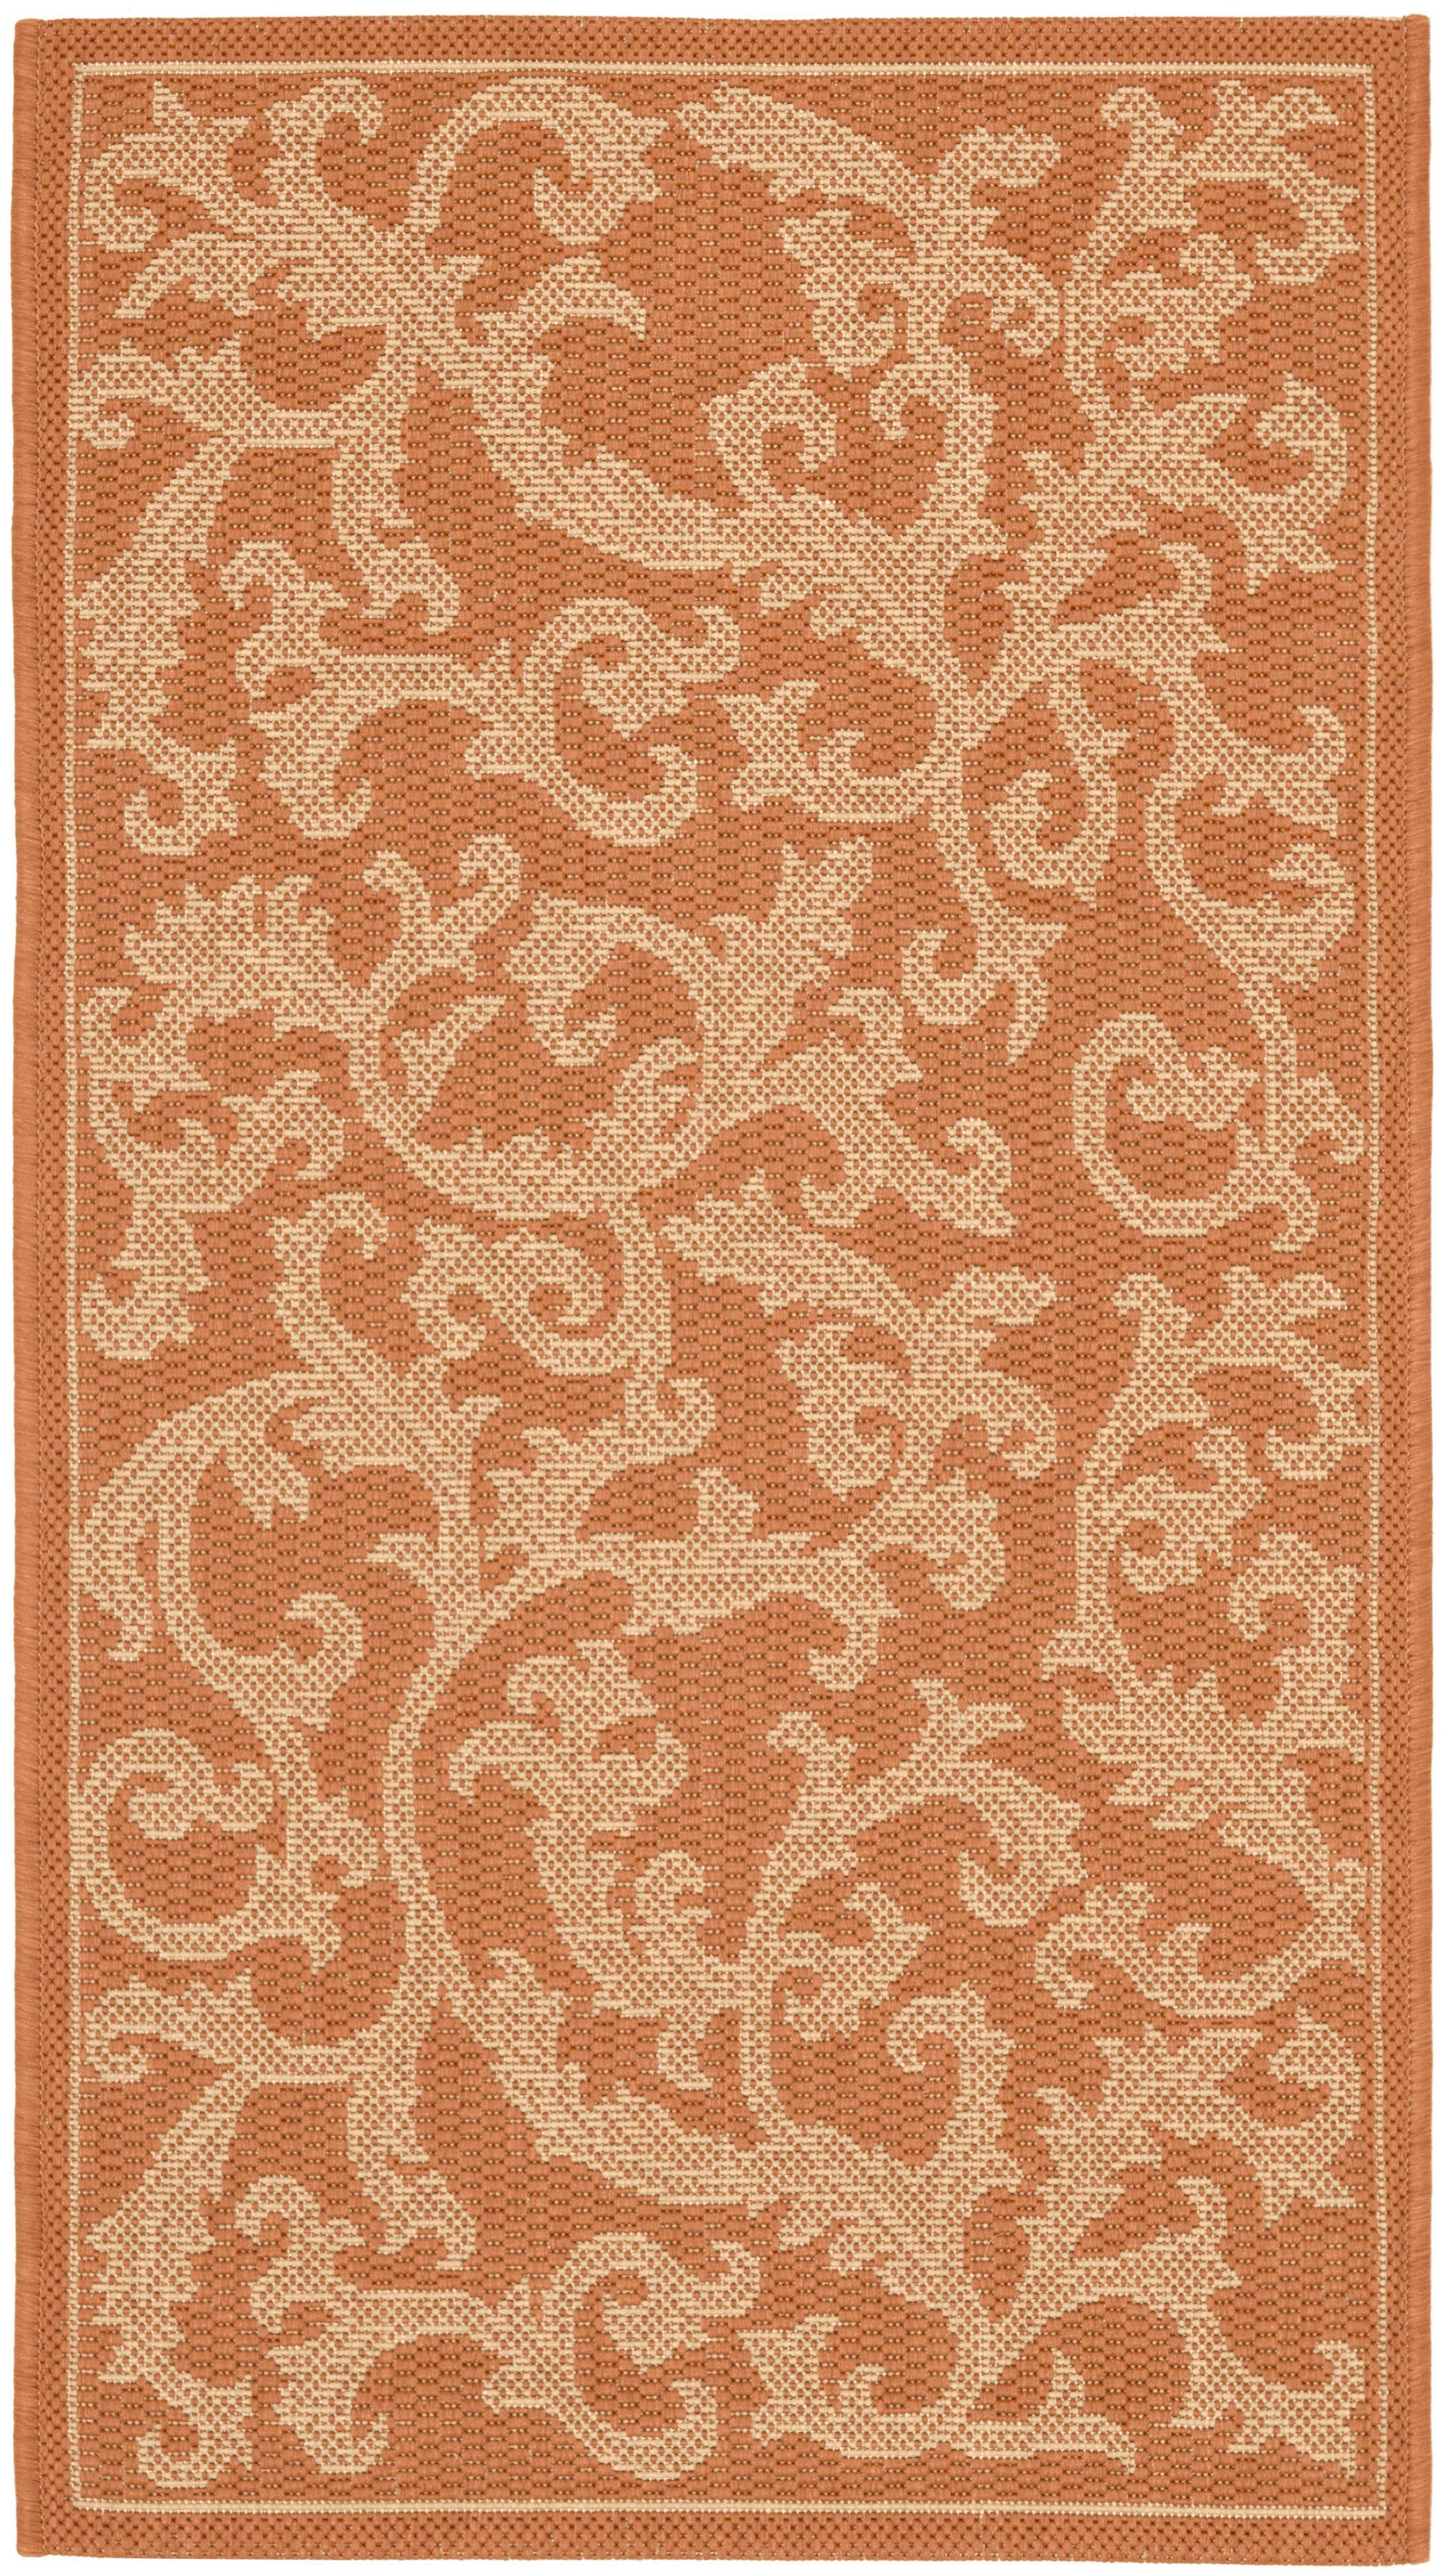 Octavius All Over Ivy Terracota Indoor/Outdoor Area Rug Rug Size: Rectangle 8' x 11'